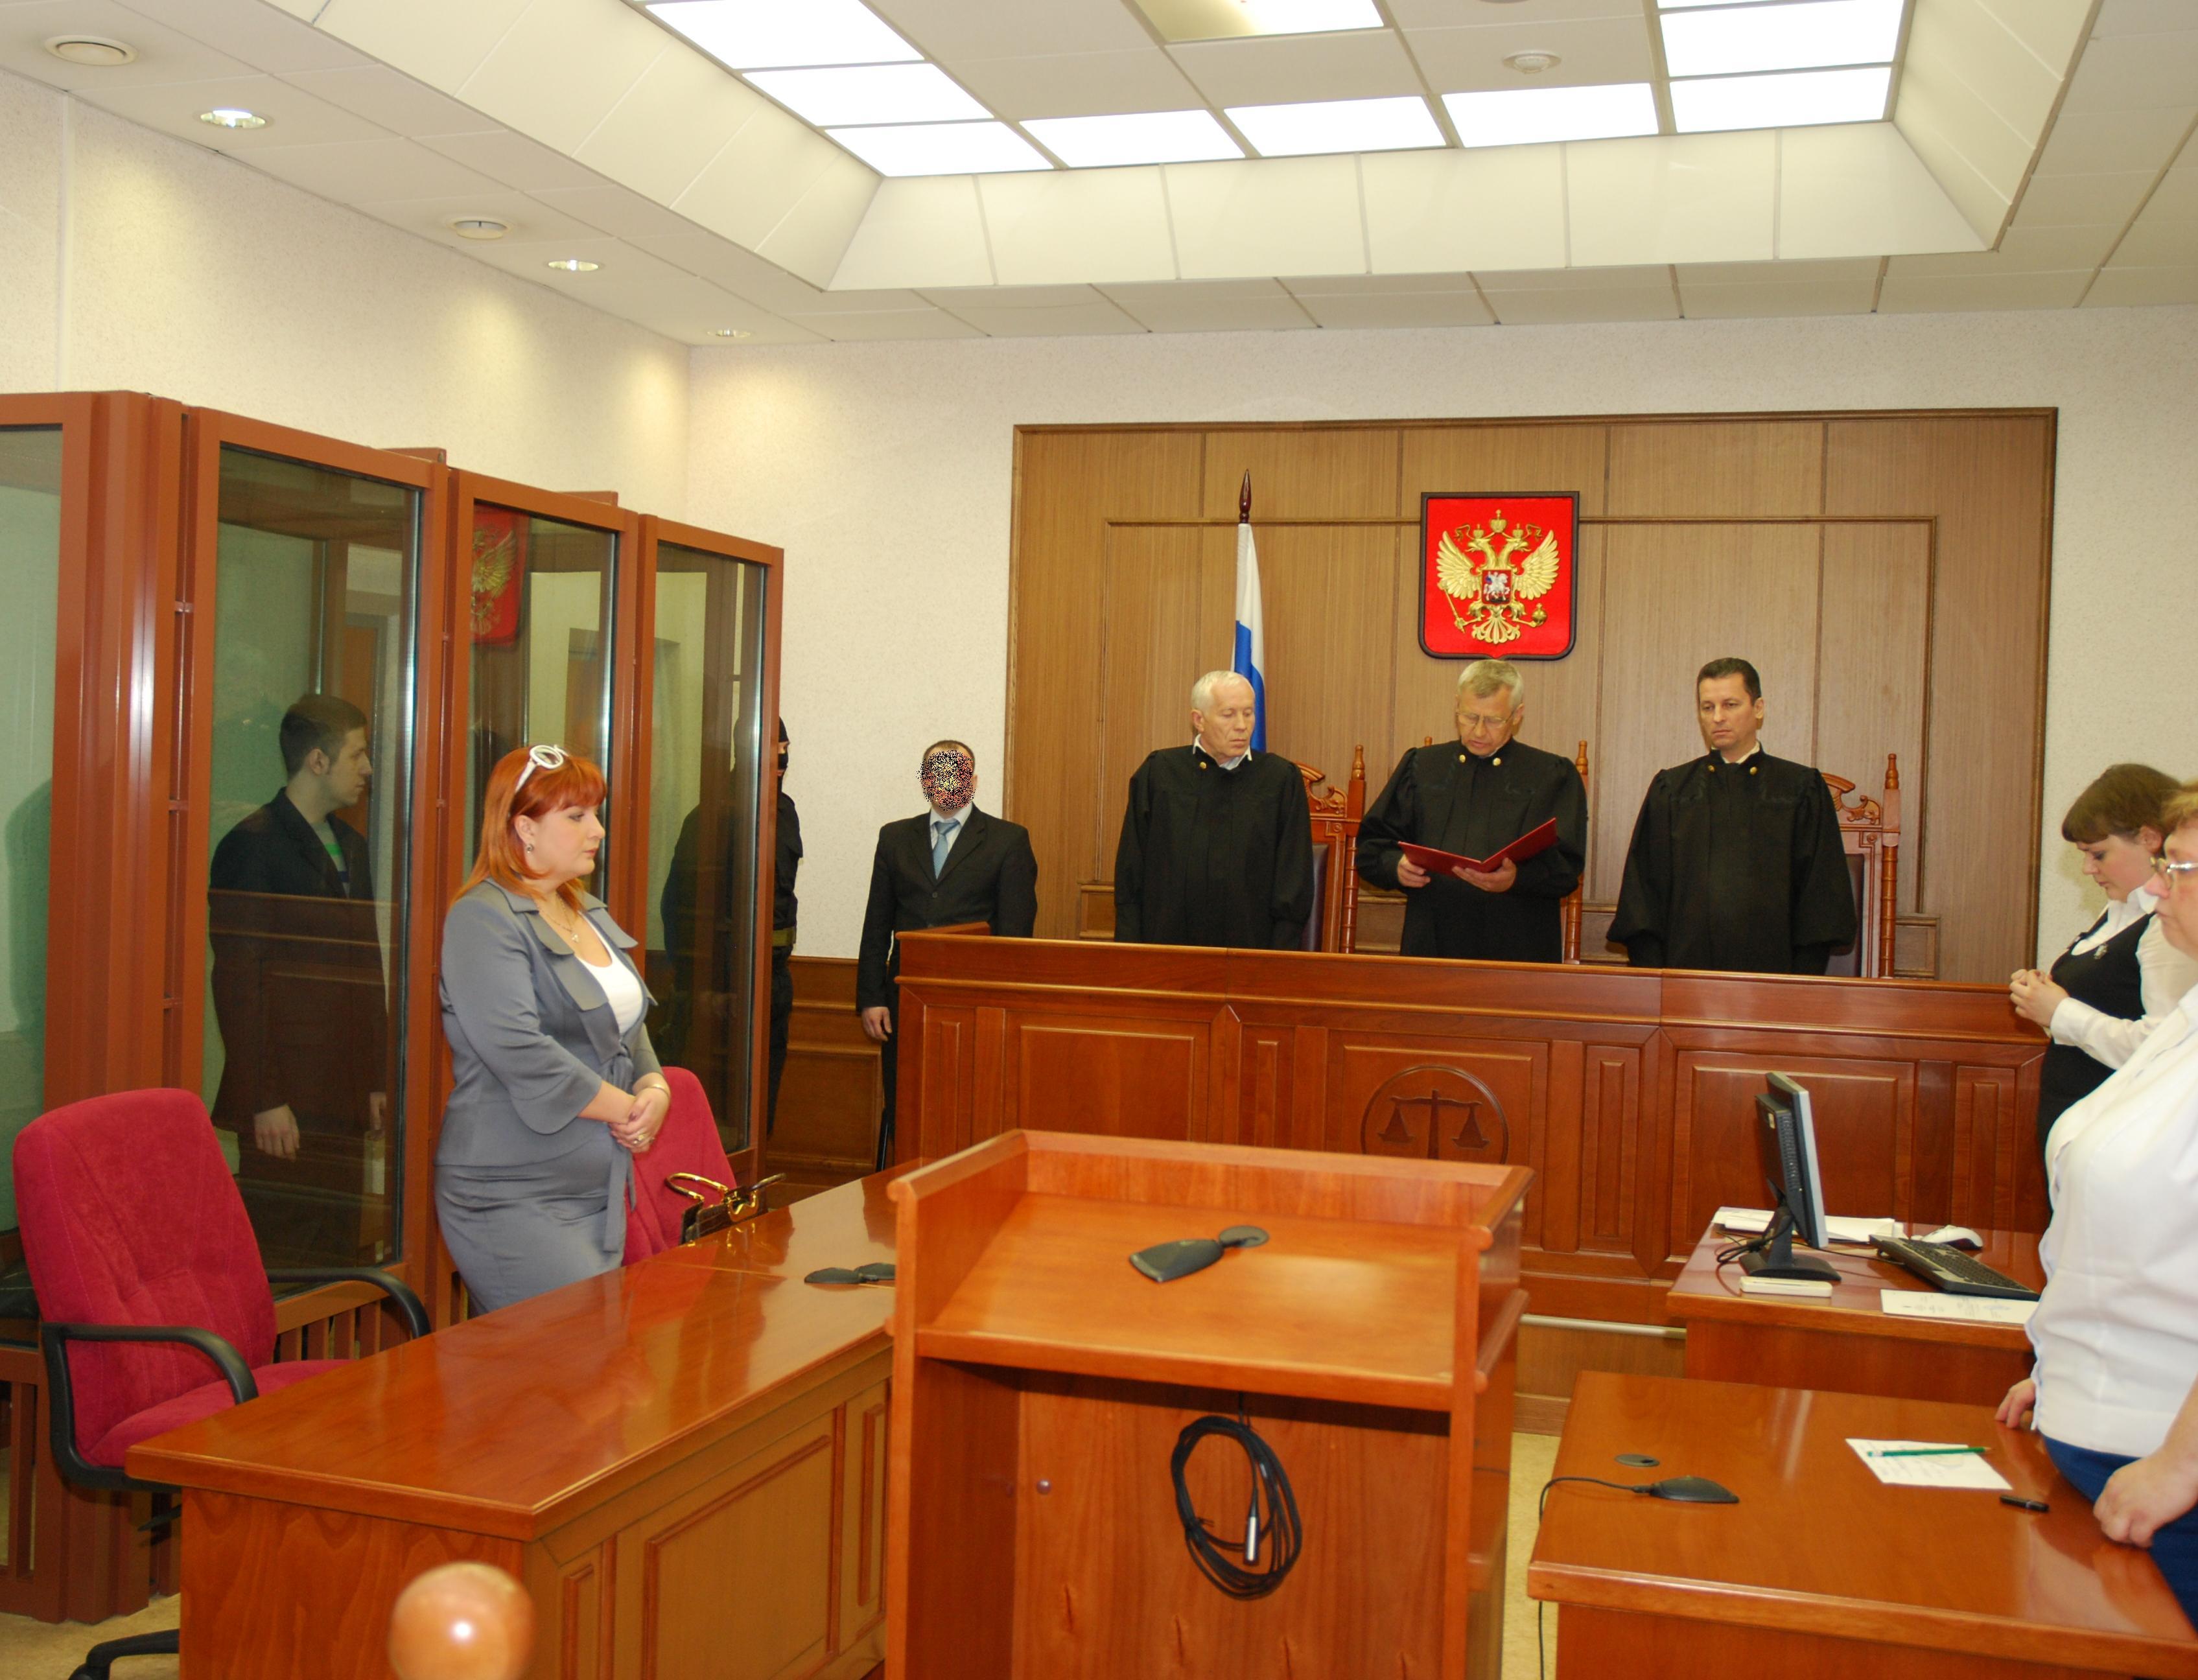 Об апелляционном производстве: в гражданском процессе, как проходит в суде